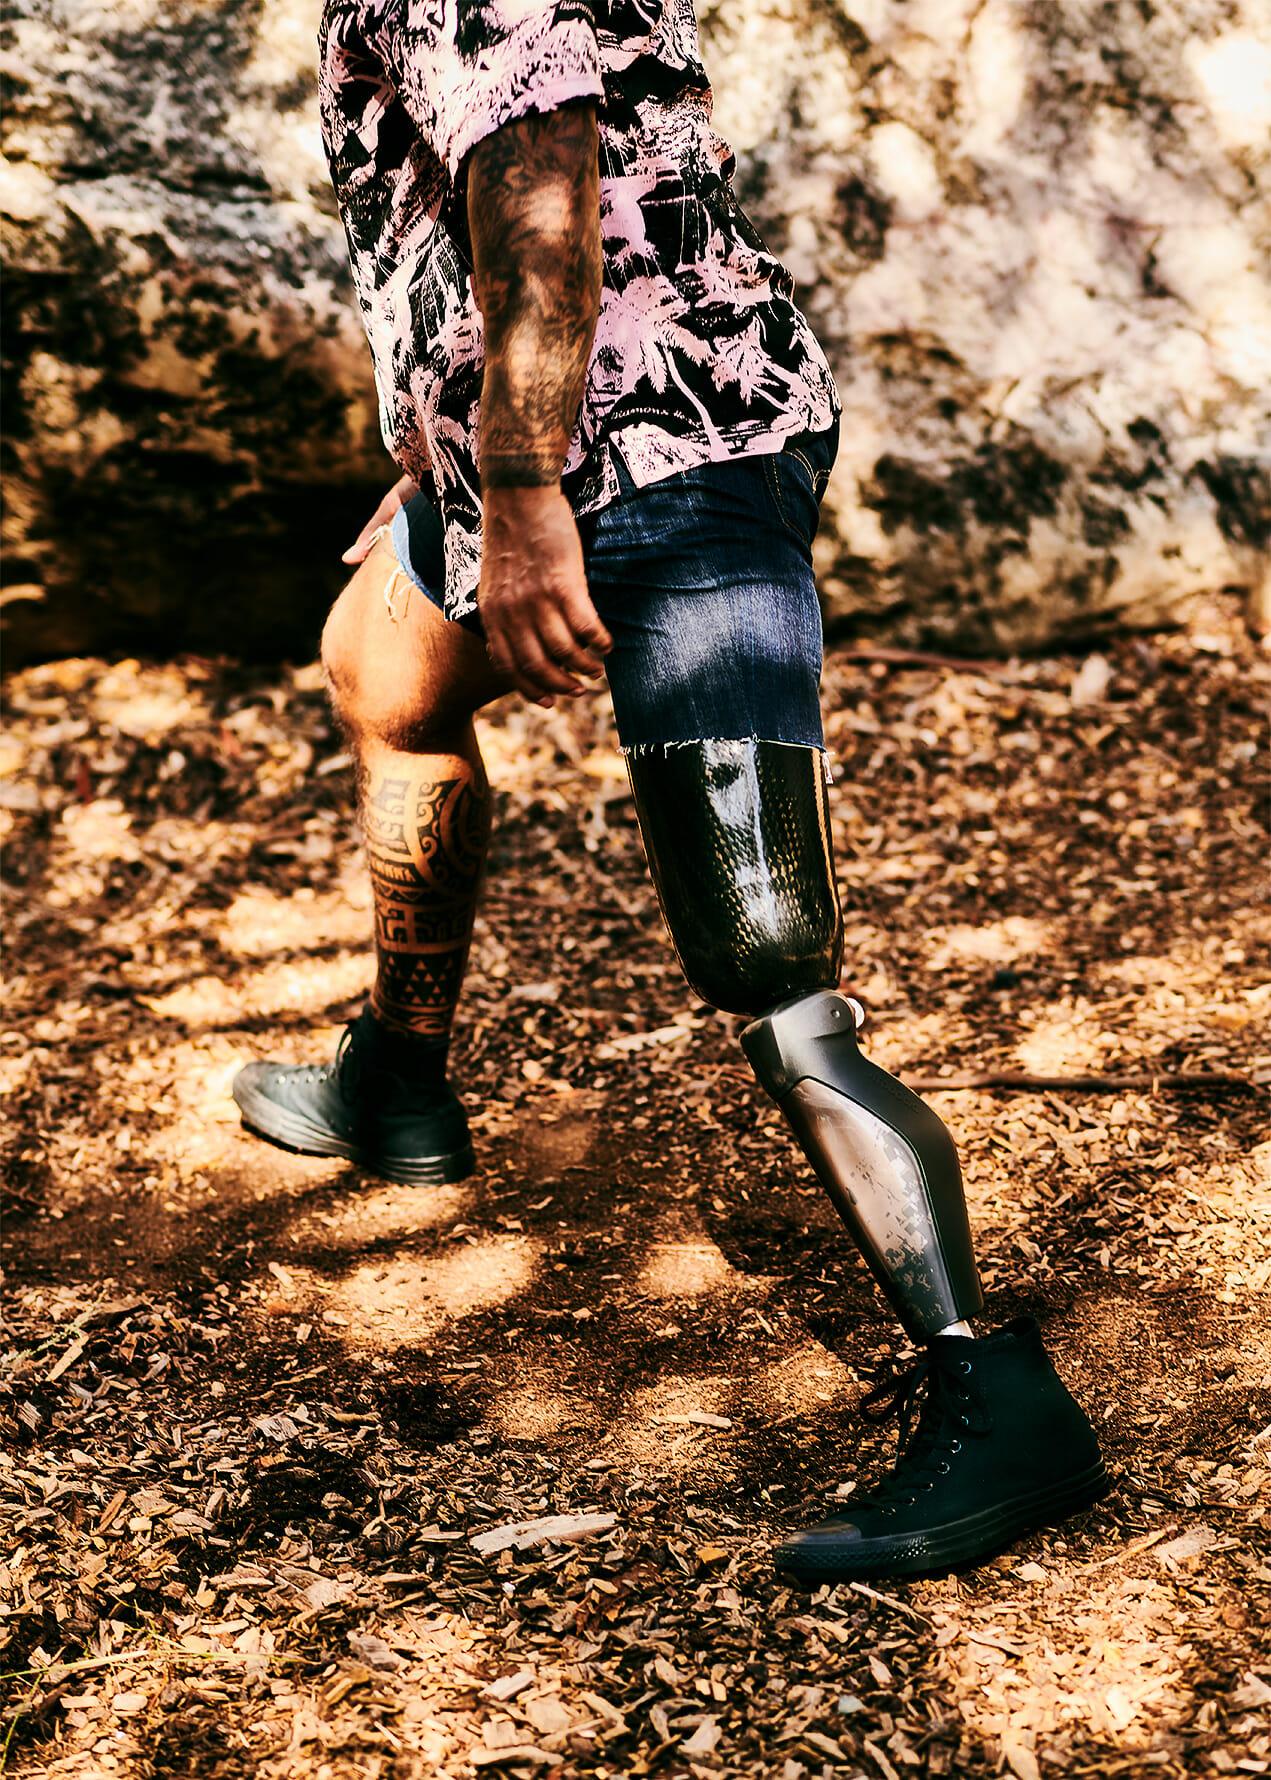 Steven Medeiros' prosthetic leg